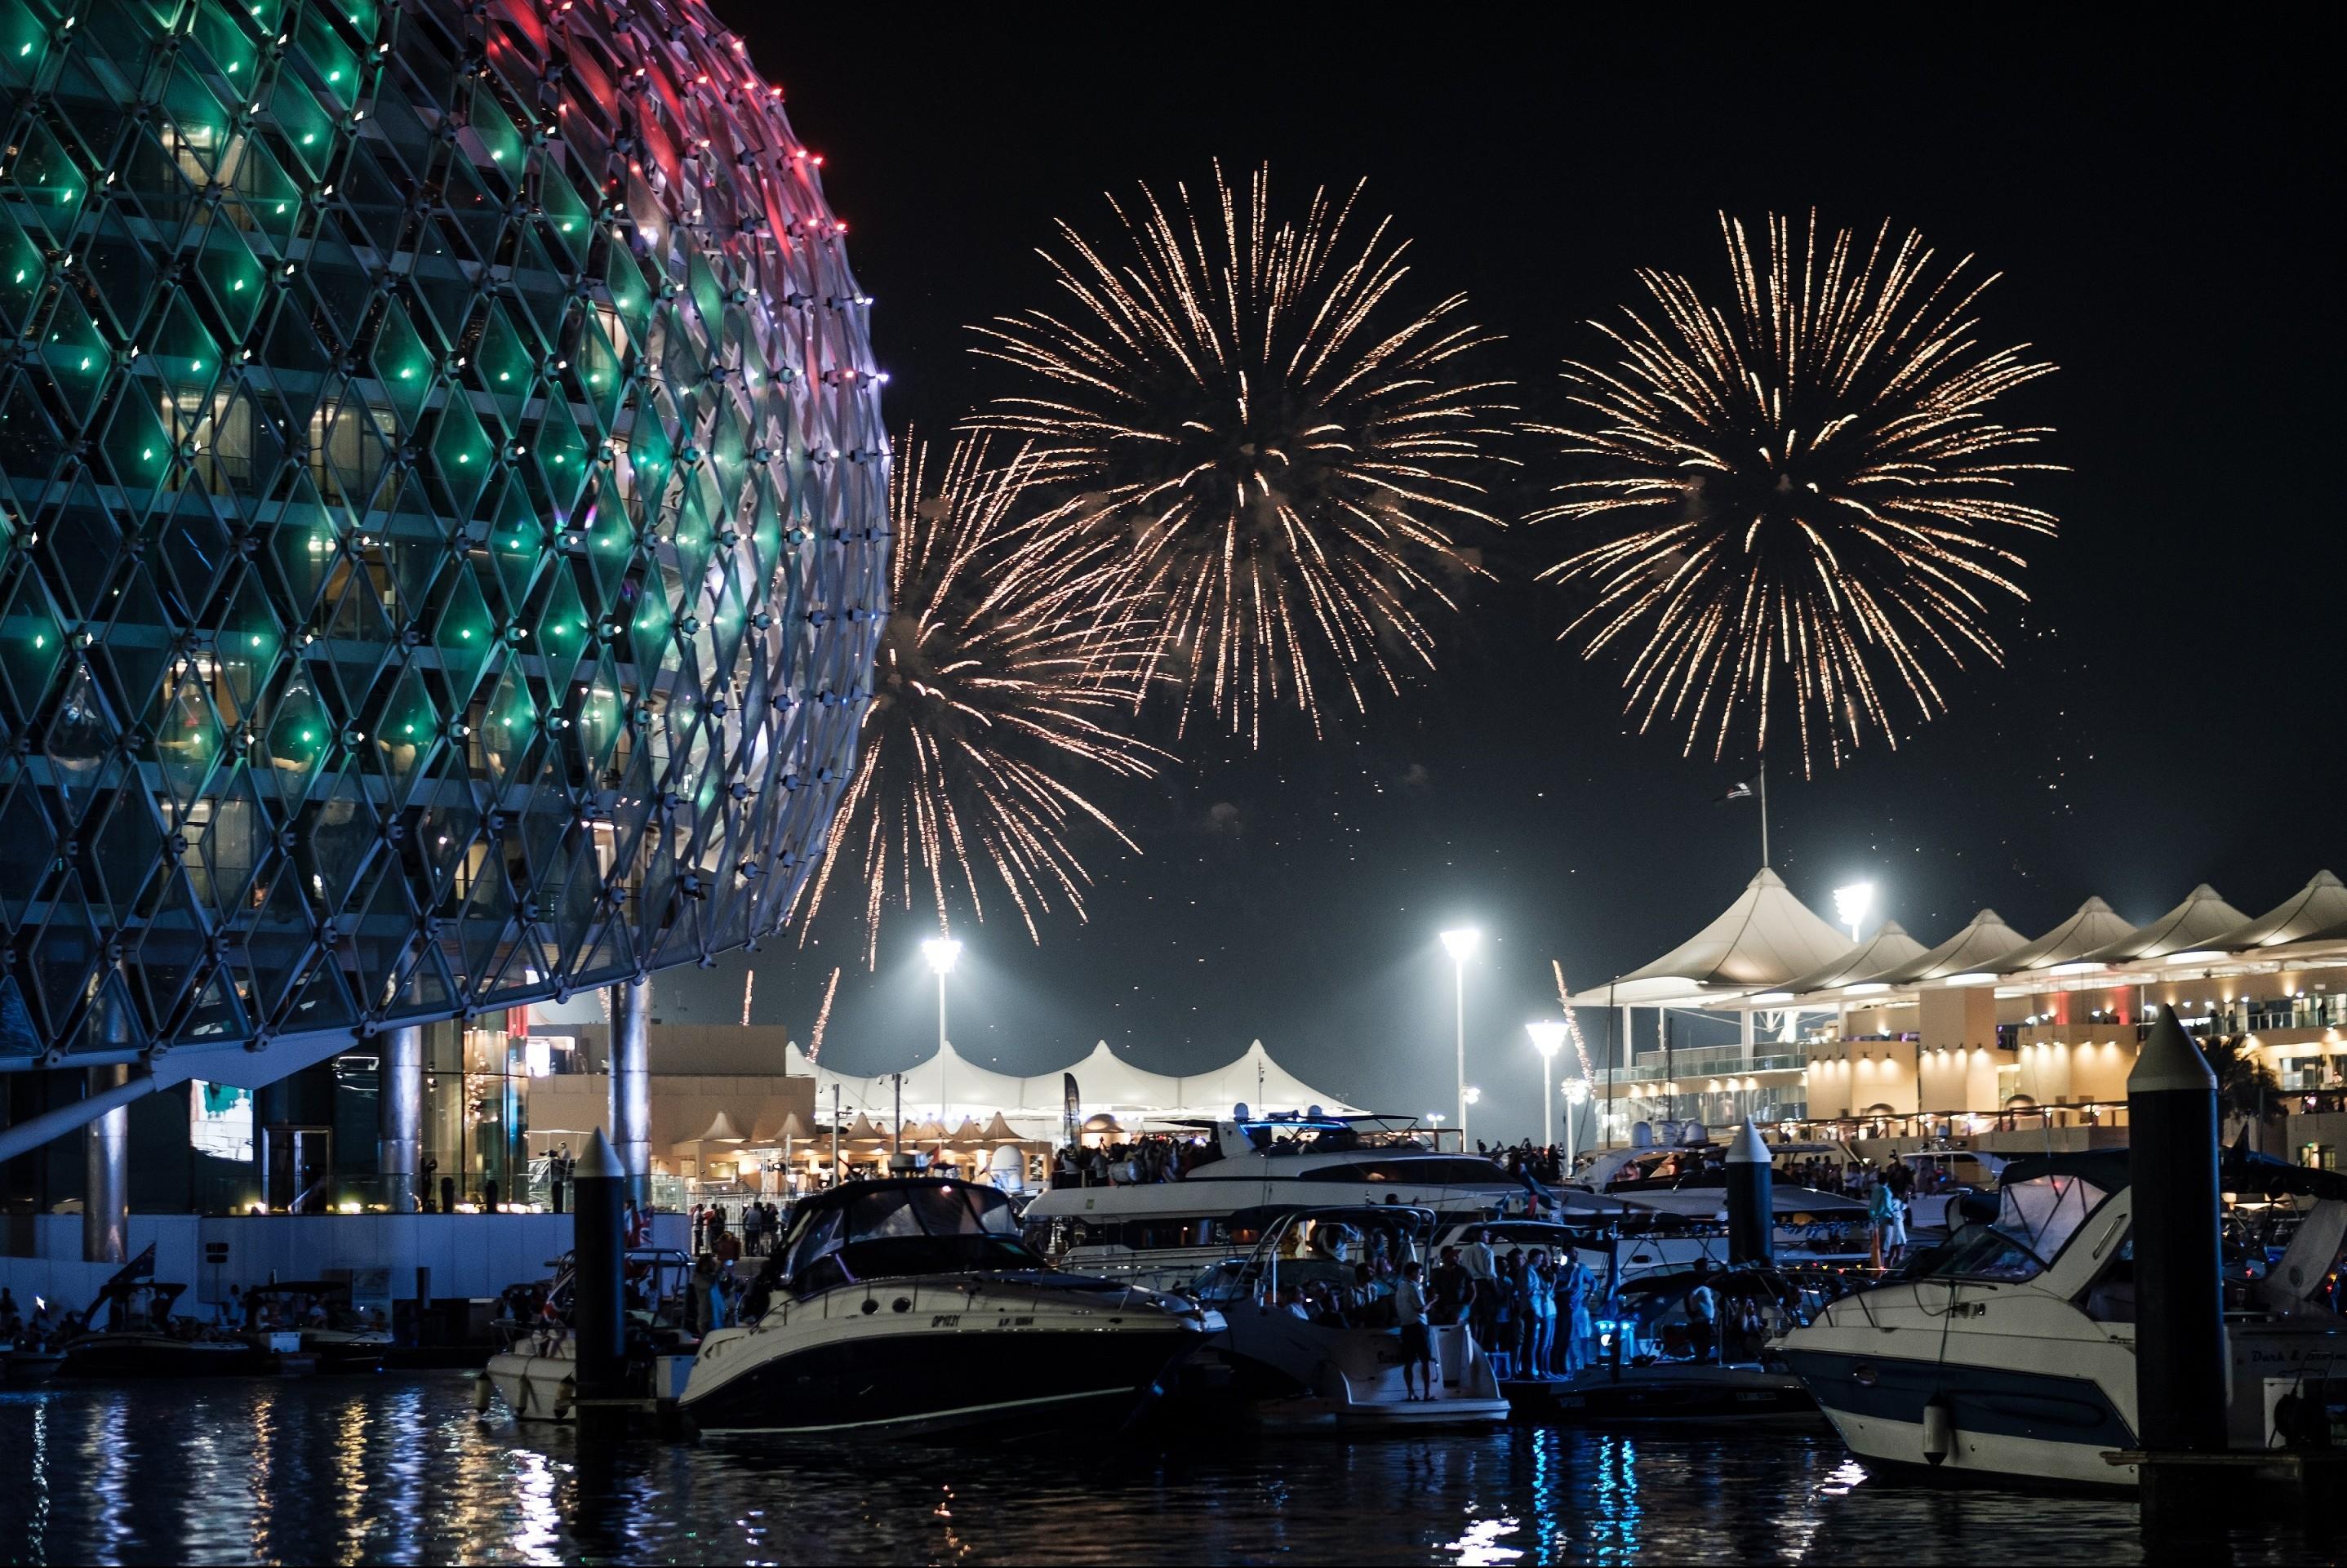 مرسى ياس مارينا أبوظبي يحتفي باليوم الوطني الـ47 لدولة الإمارات